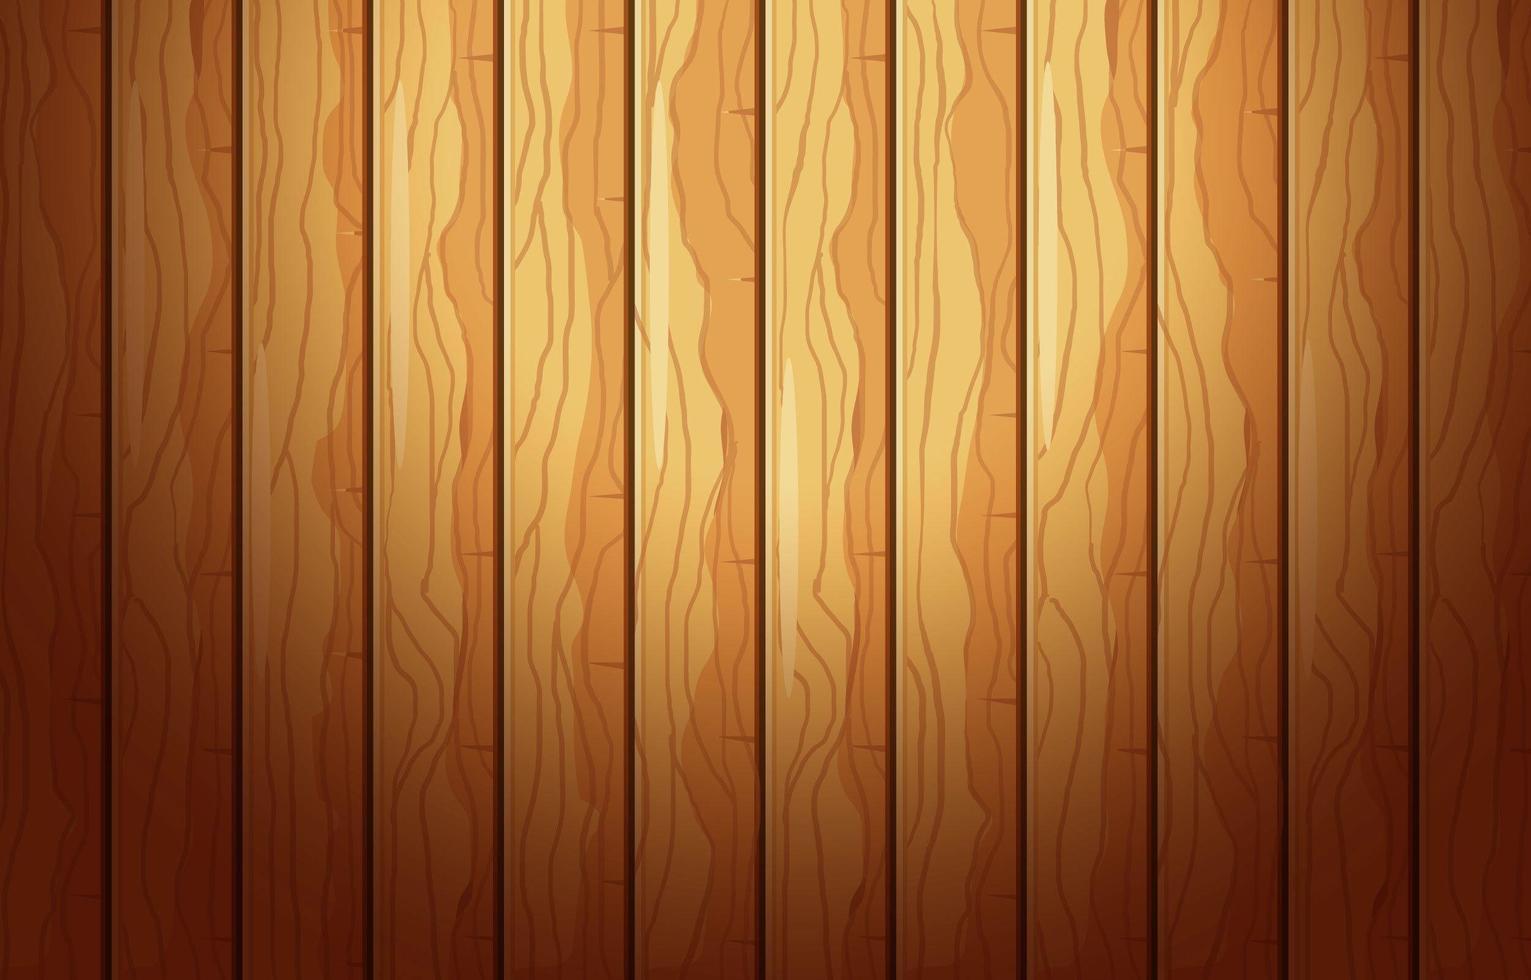 righe della priorità bassa delle plance di legno duro vettore